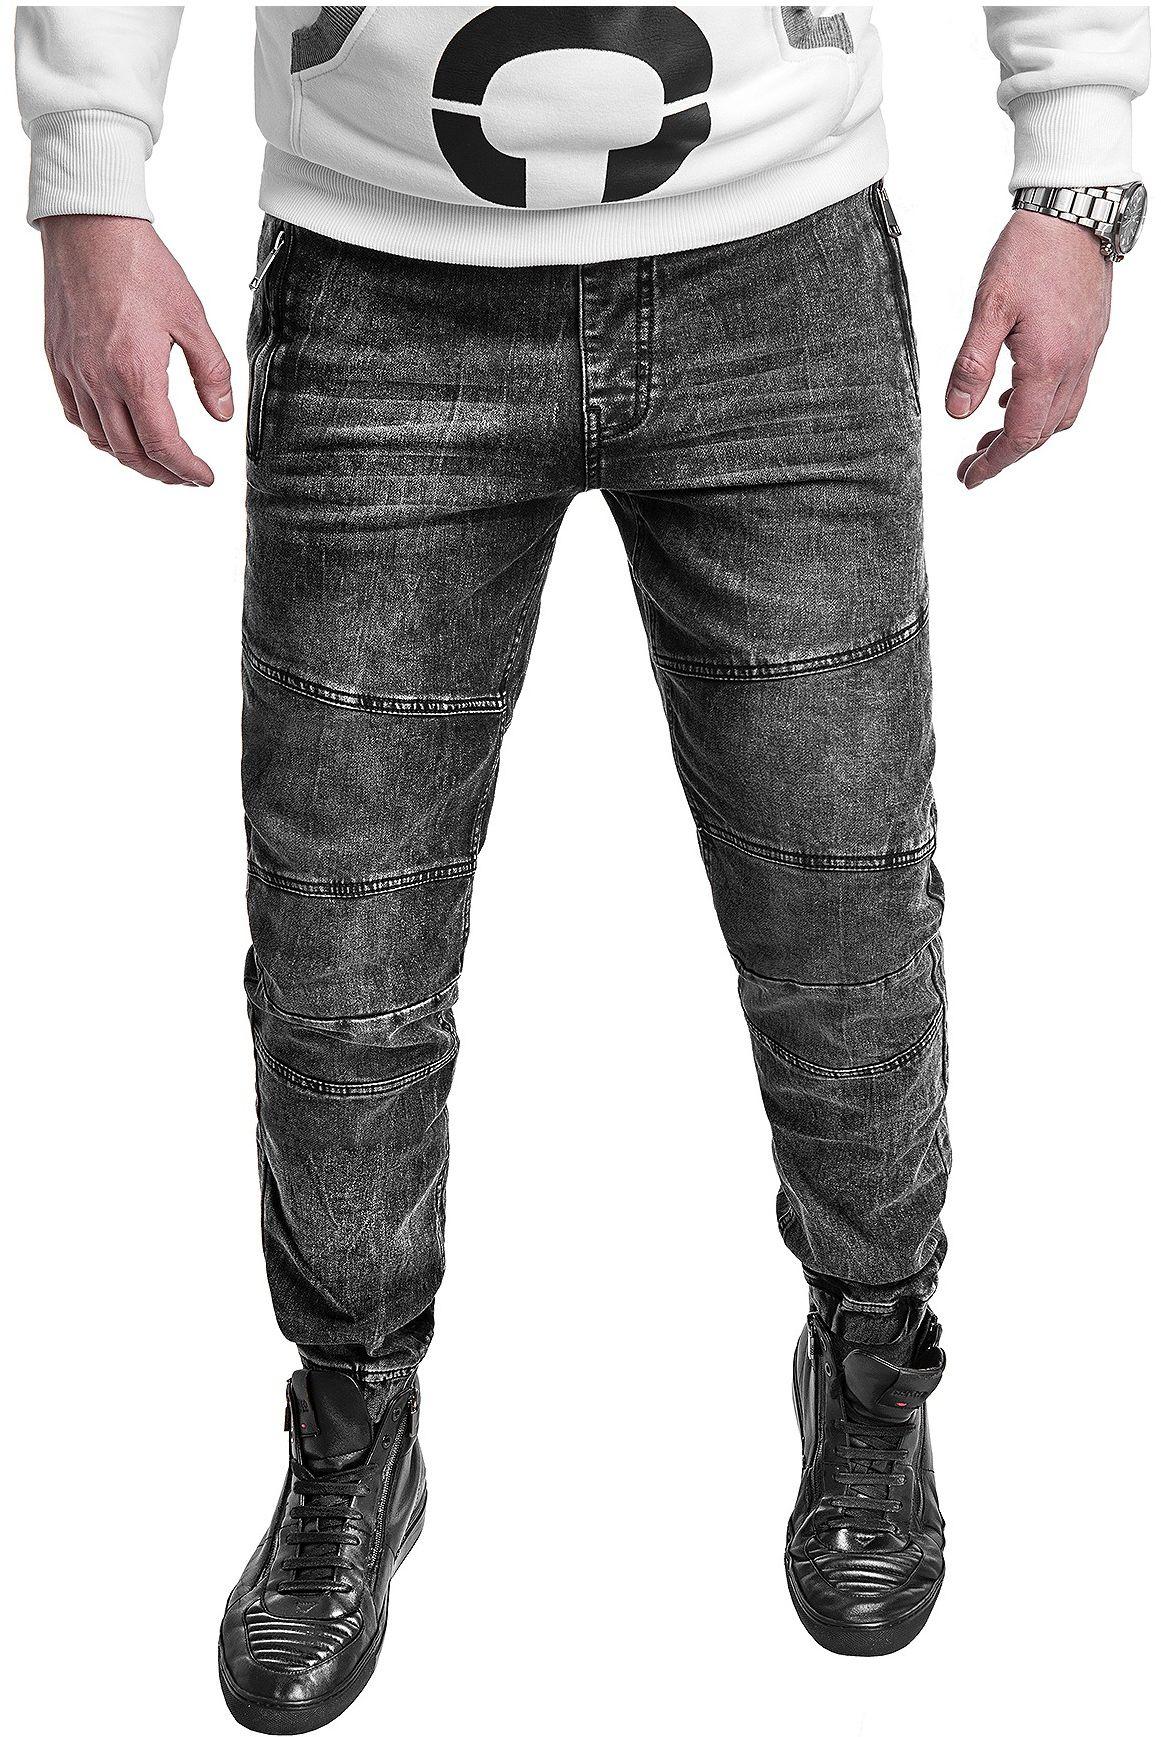 Spodnie jeansowe męskie joggery HY-559- czarne